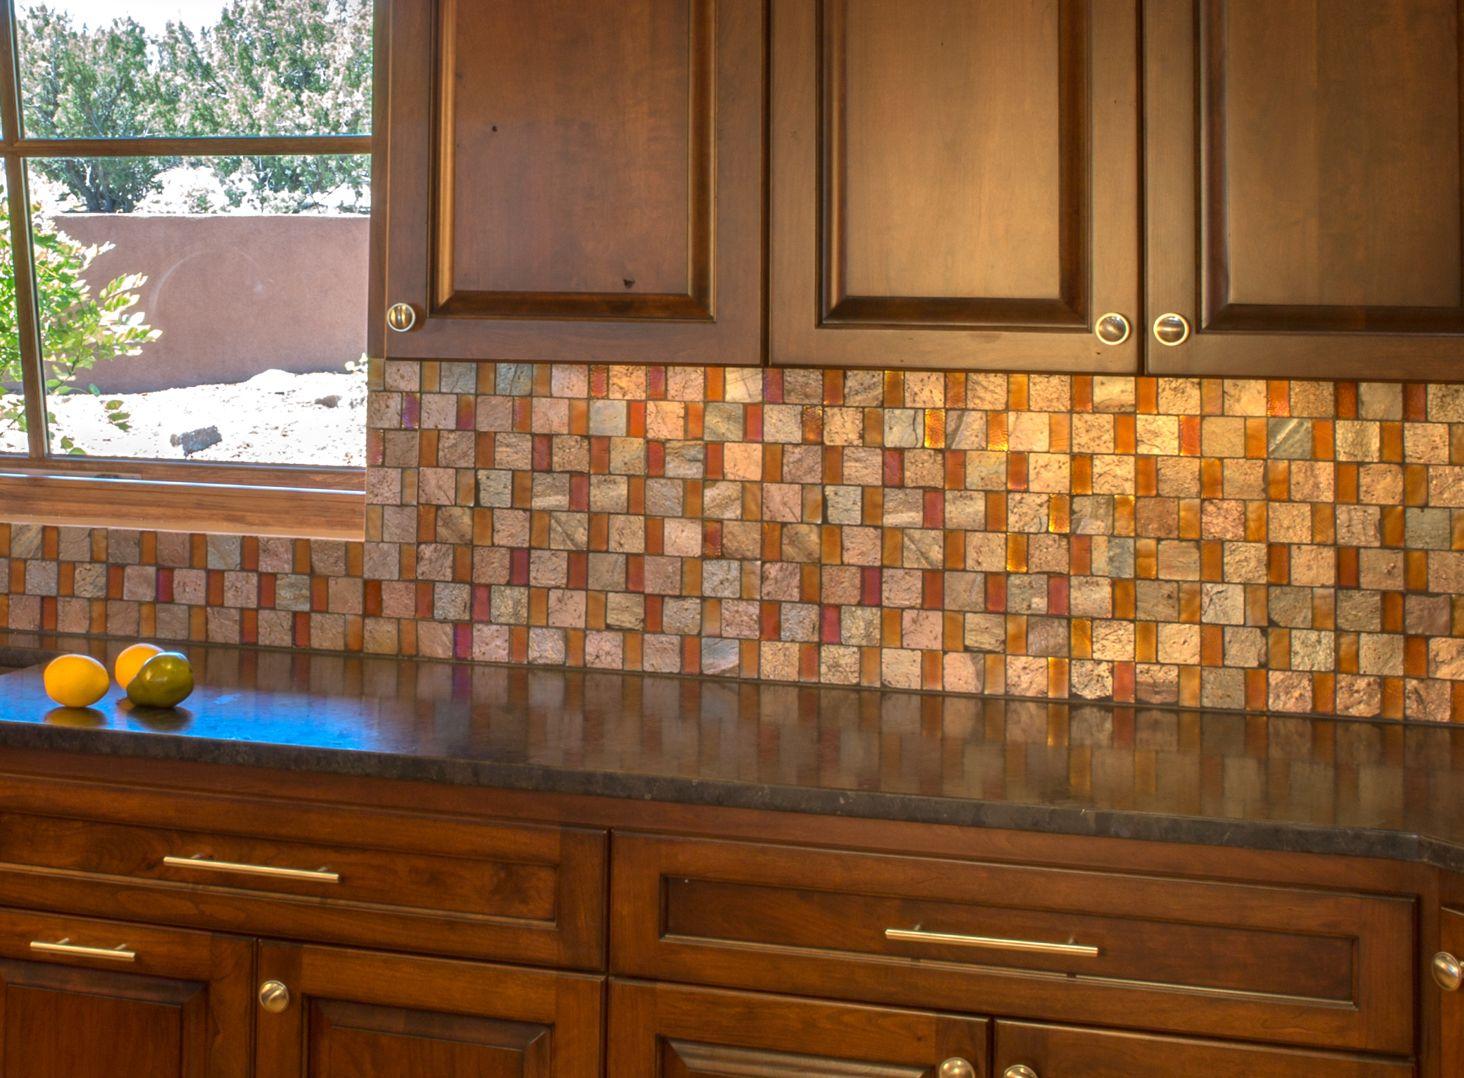 Uncategorized Copper Tile Backsplash For Kitchen 80 best kitchen tile images on pinterest tiles find this pin and more by oceansidetile